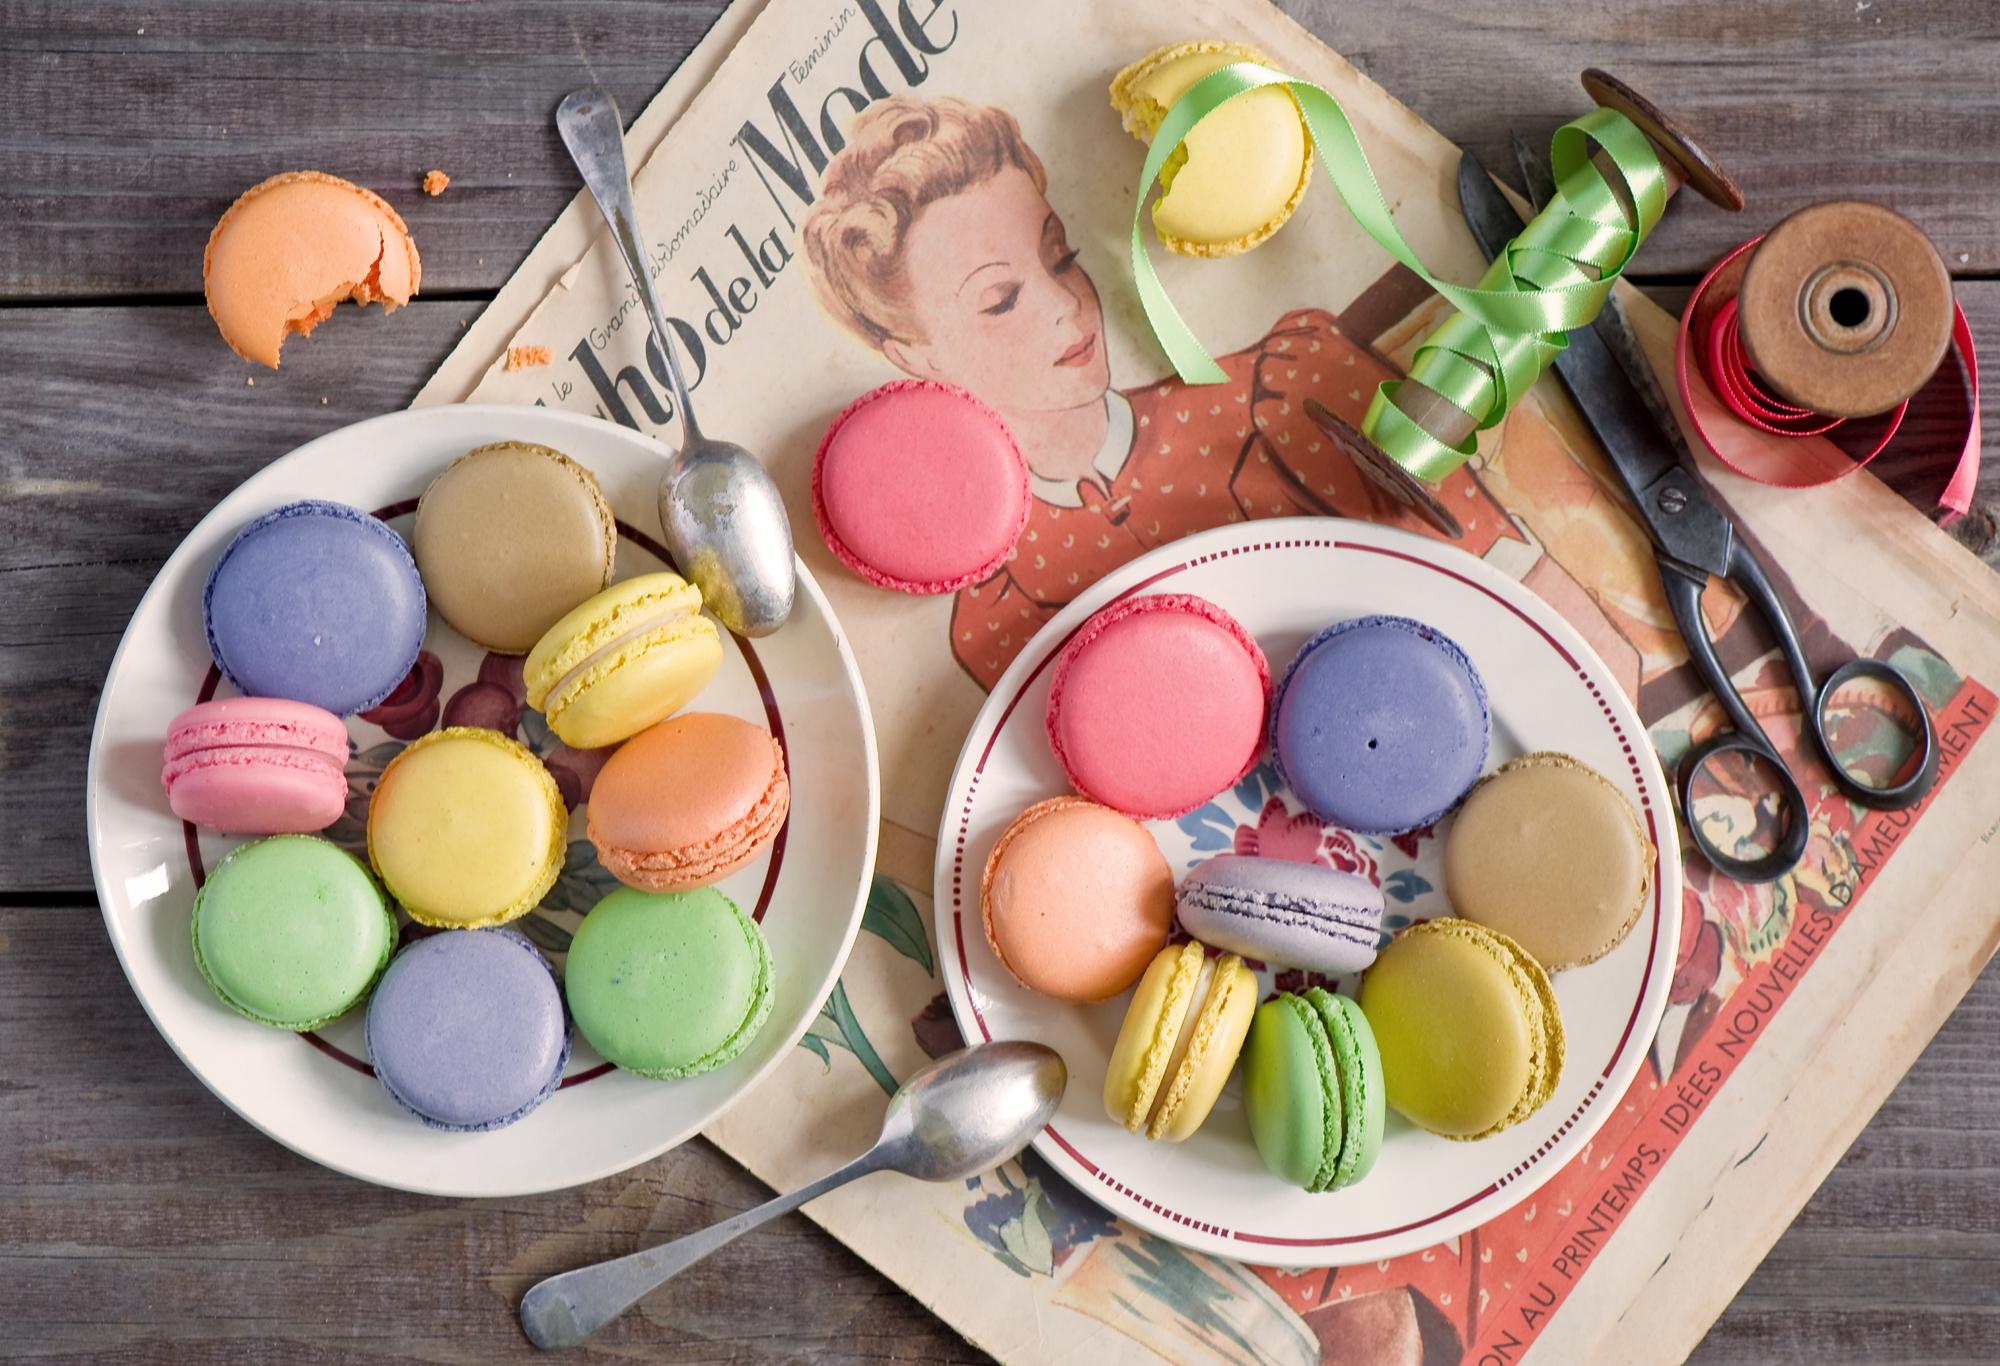 147440 Hintergrundbild herunterladen Lebensmittel, Wüste, Gebäck, Mehrfarbig, Motley, Macarons - Bildschirmschoner und Bilder kostenlos